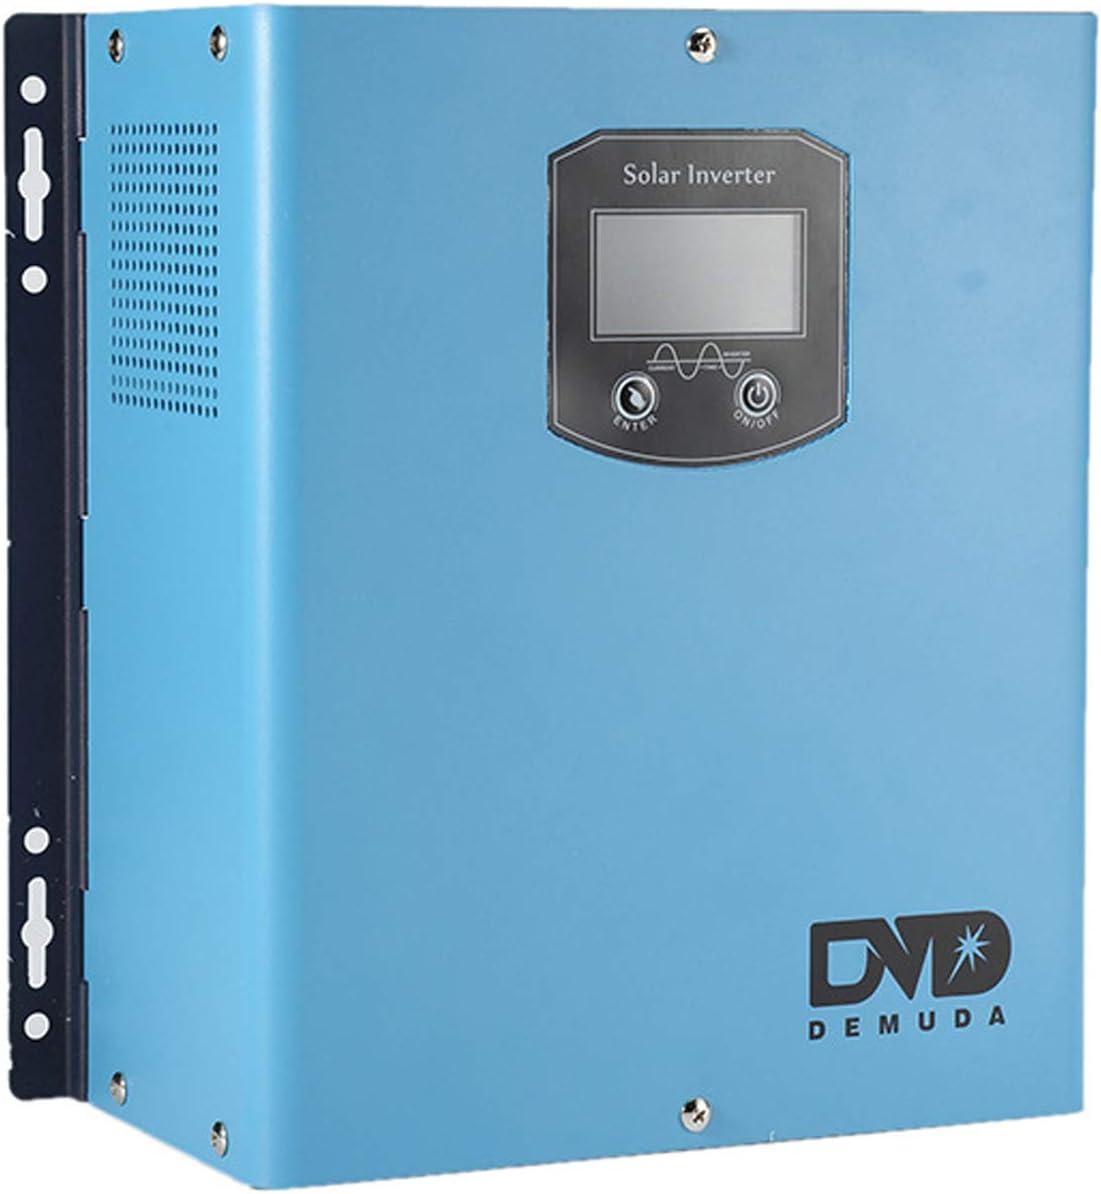 B2KEY® Inversor de Carga inversor Integrado Inversor Solar de Onda sinusoidal Pura Inversor de frecuencia de Potencia 1500w DC 12V / 24V a CA 220V (DC 12V to AC 220V)